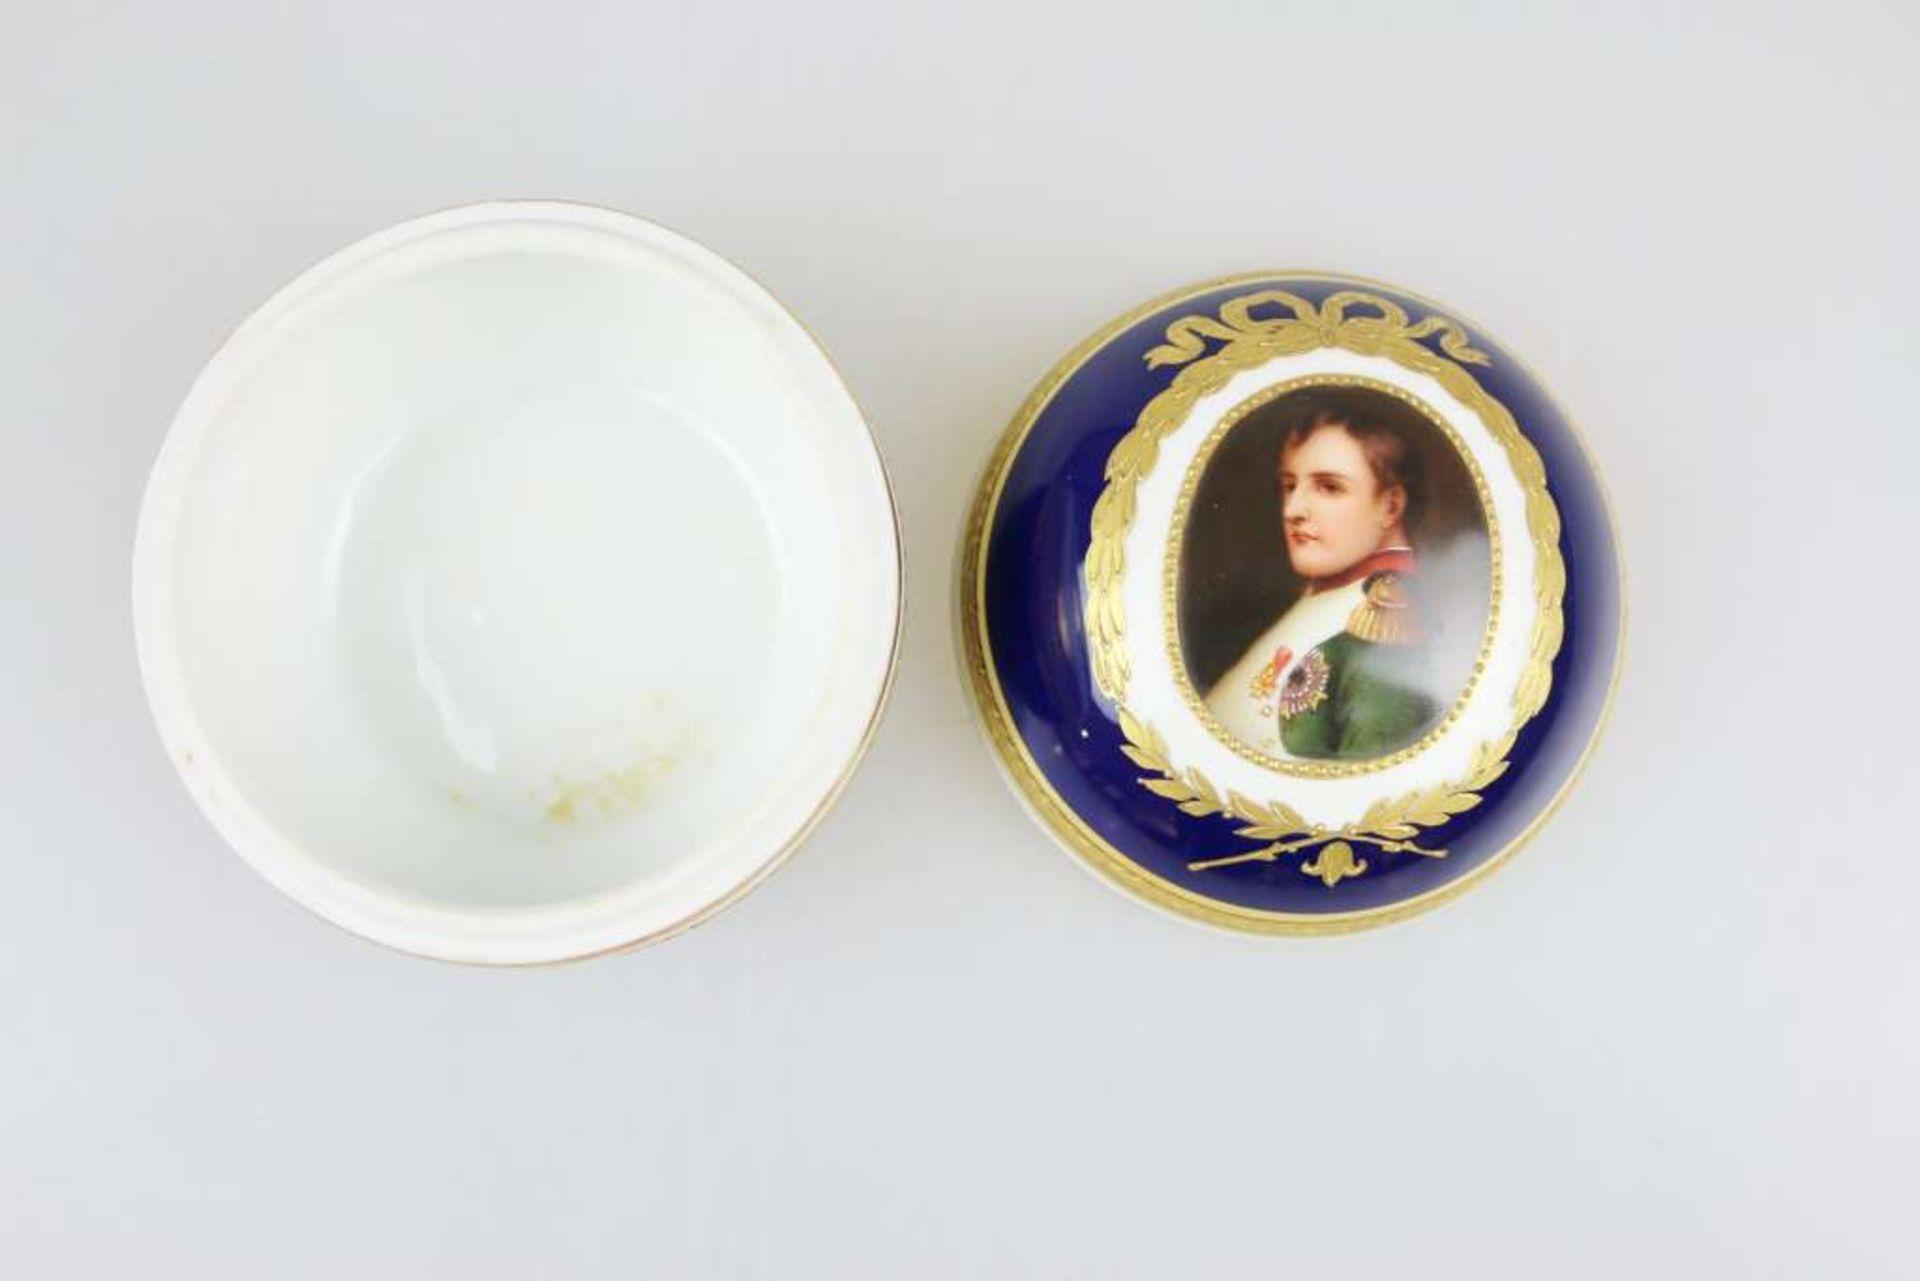 Deckeldose, Napoleon I., Augarten, Wien, Mitte 20. Jh., polychrom gefasst mit Goldstaffage, Por - Bild 2 aus 3